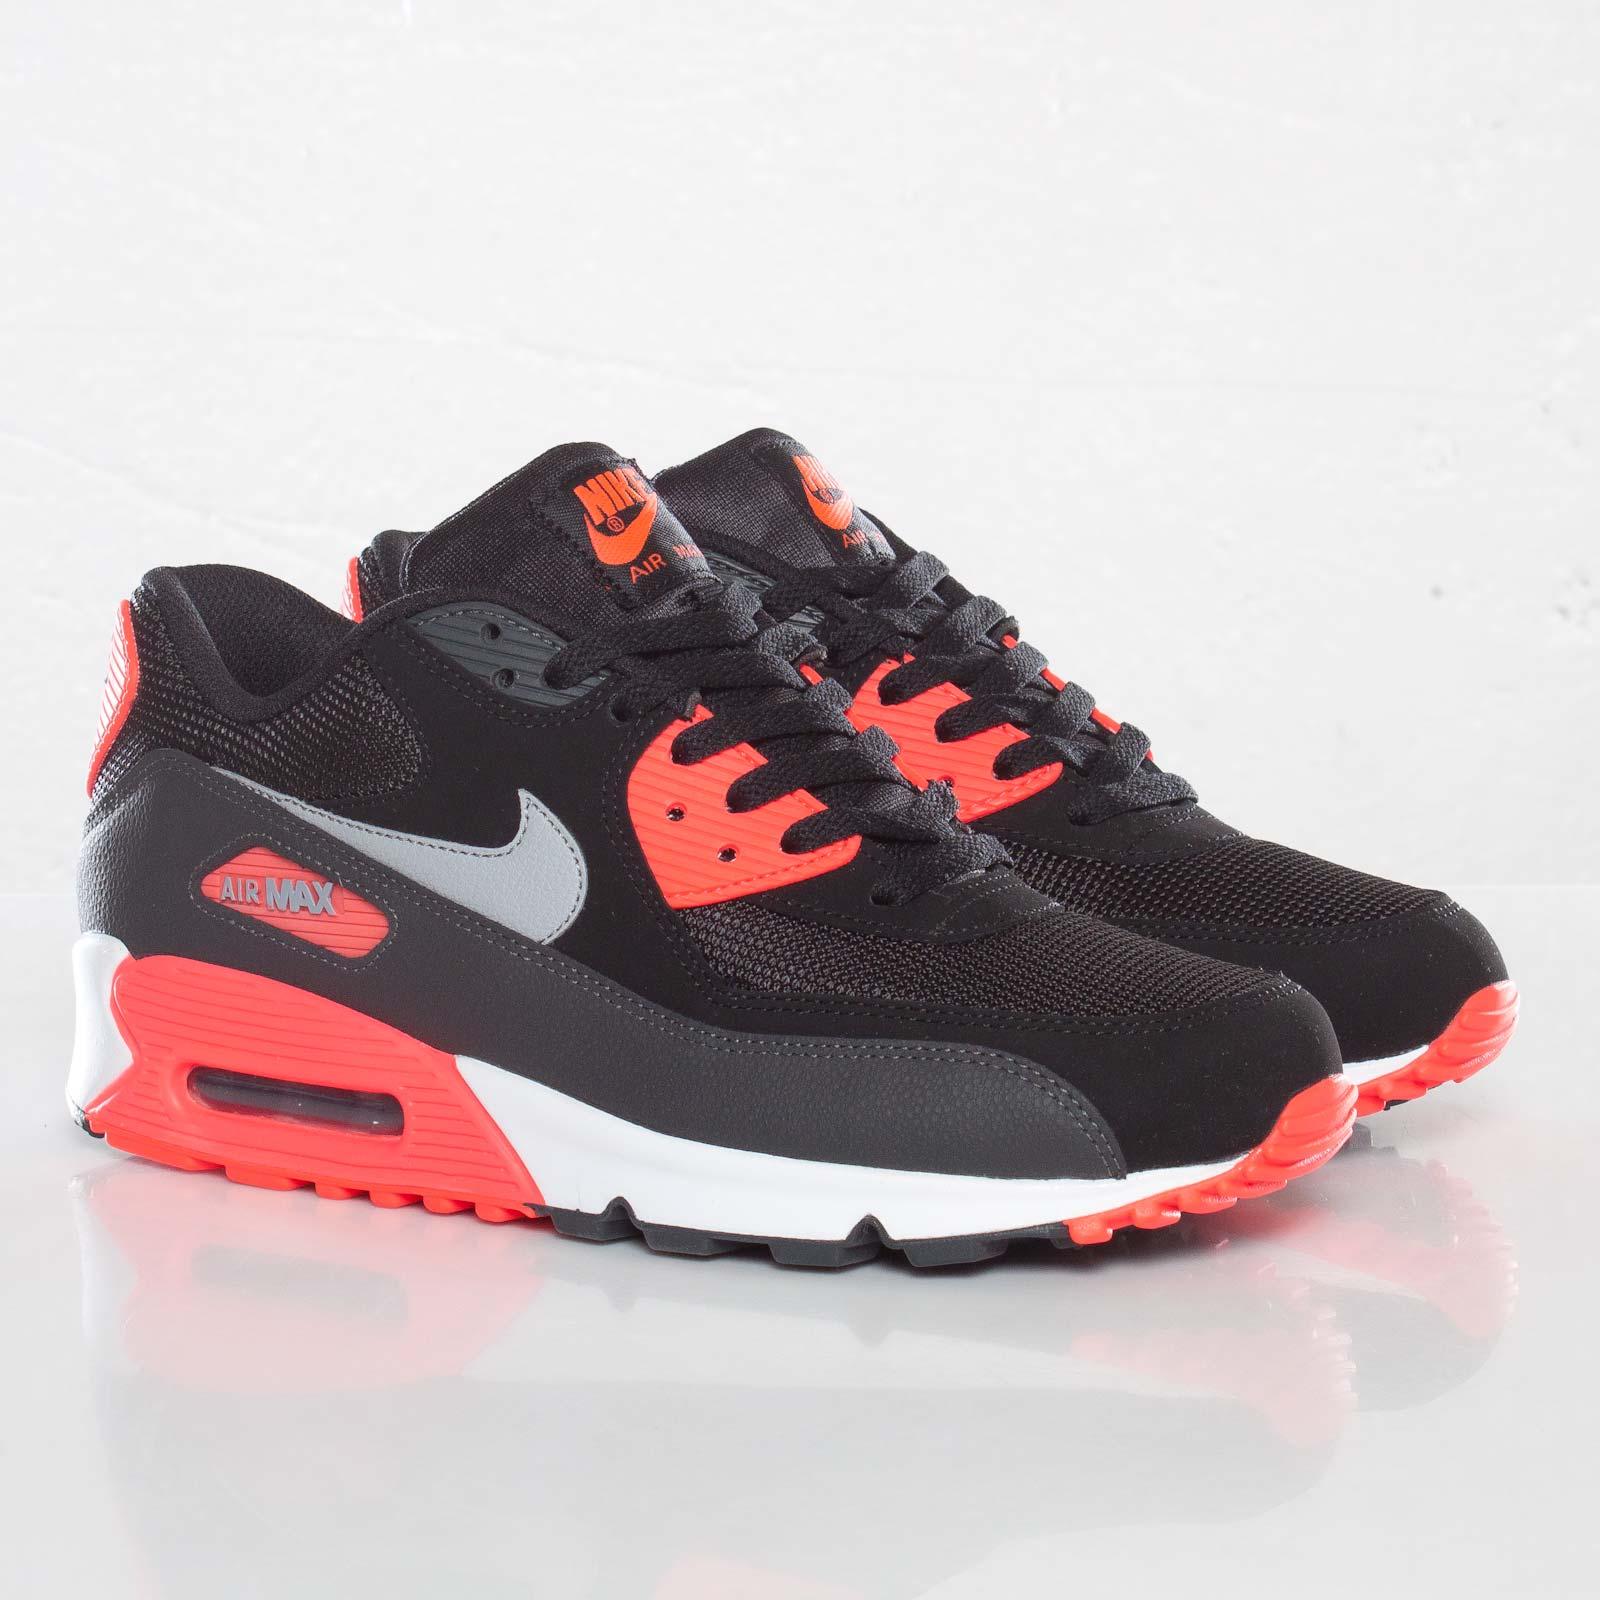 Nike Air Max 90 Essential 537384 006 Sneakersnstuff